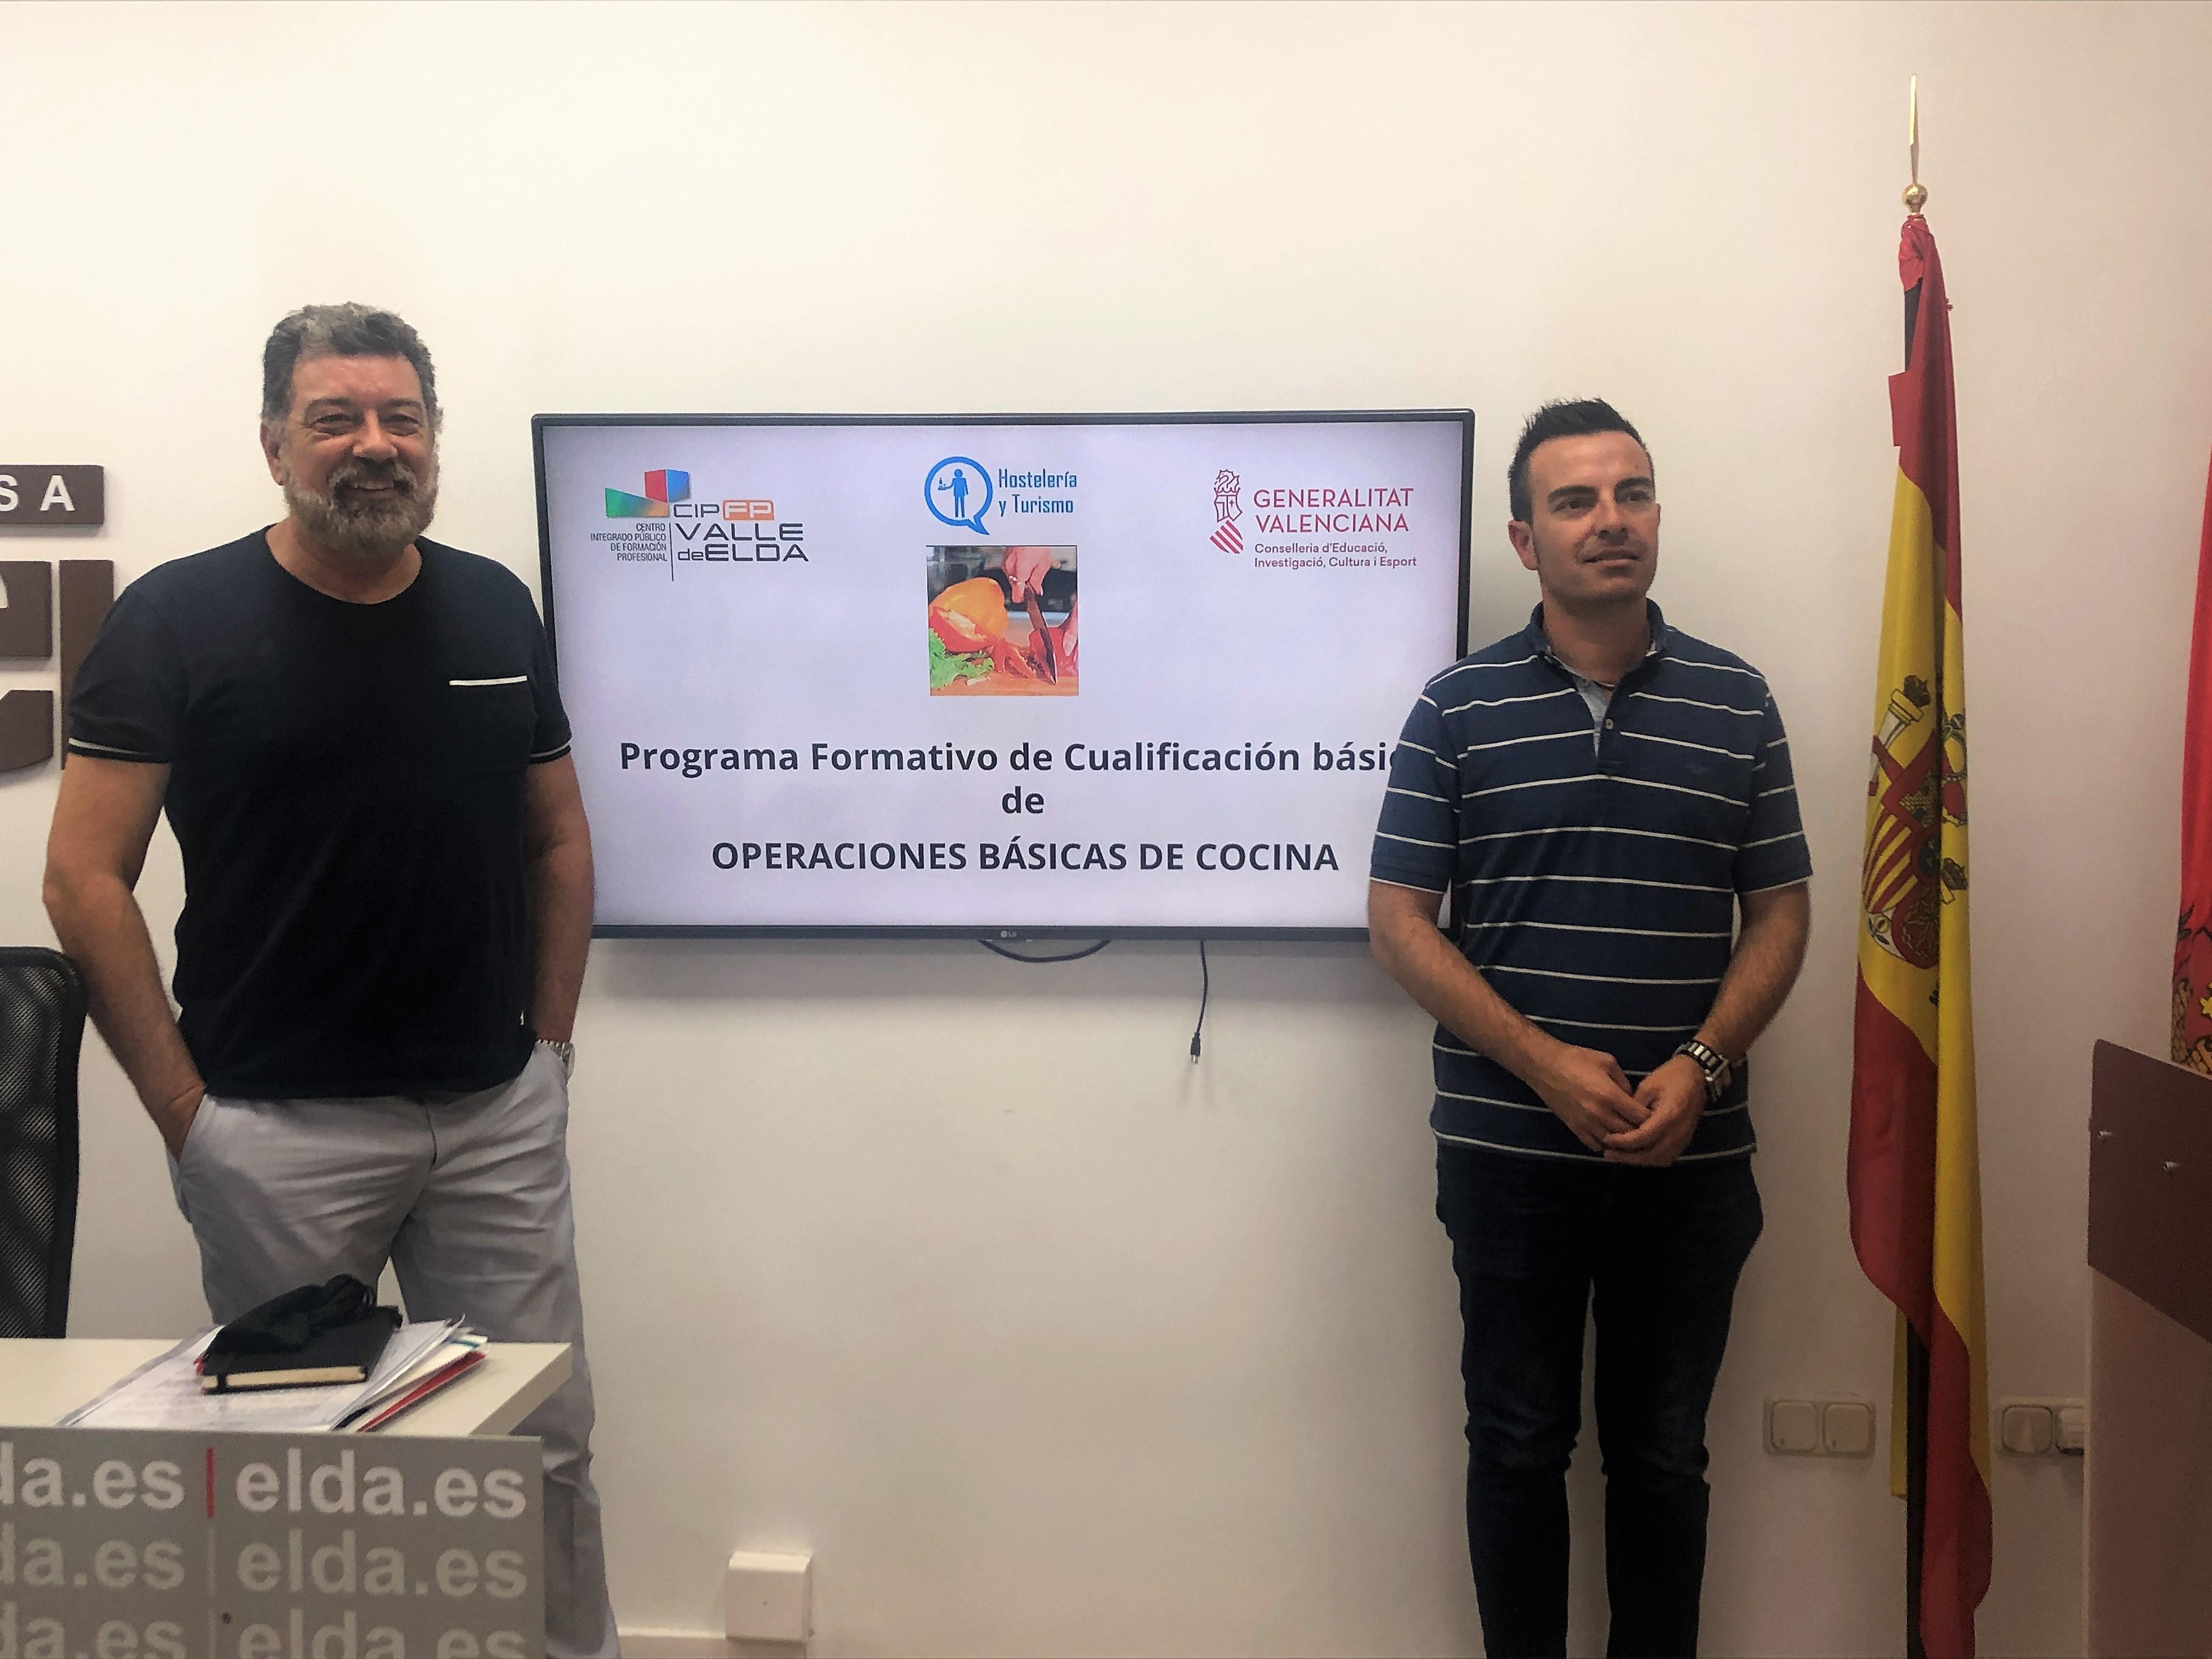 El CIPFP Valle de Elda incorpora un curso de Operaciones Básicas de Cocina a su oferta formativa